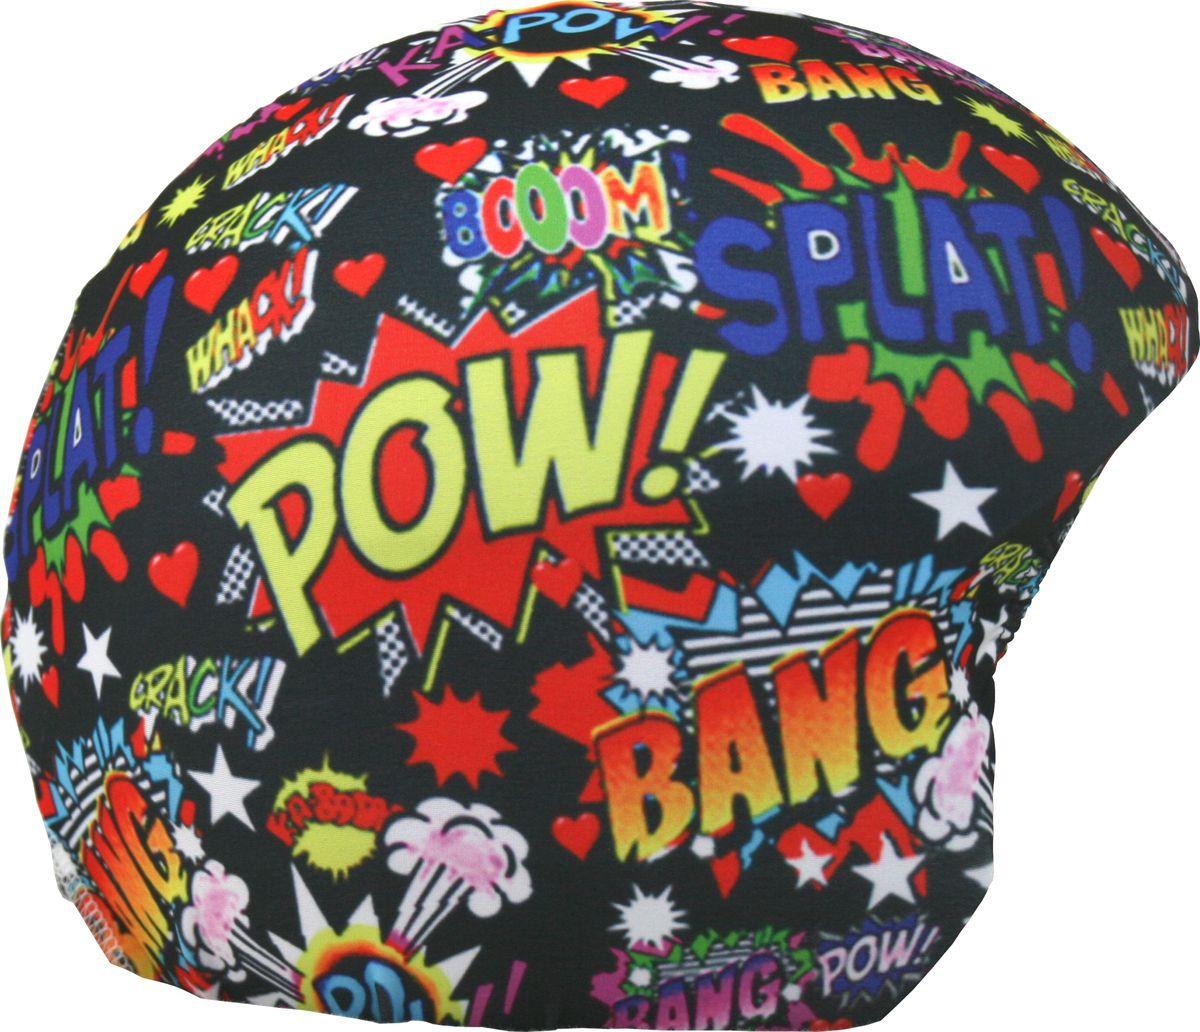 Нашлемник CoolCasc Boom. Бум!, цвет: черный, синий, красныйУТ-00007778Стильный нашлемник CoolCasc для спортивного шлема предназначен для занятий спортом (сноуборд, горные лыжи, велосипед) и развлечений. Легко надевается, защищает шлем от царапин. Размер - универсальный.Нашлемник CoolCasc поможет подчеркнуть вашу индивидуальность и выделит вас среди окружающих. Состав: 83% нейлон, 17% спандекс.Что взять с собой на горнолыжную прогулку: рассказывают эксперты. Статья OZON Гид